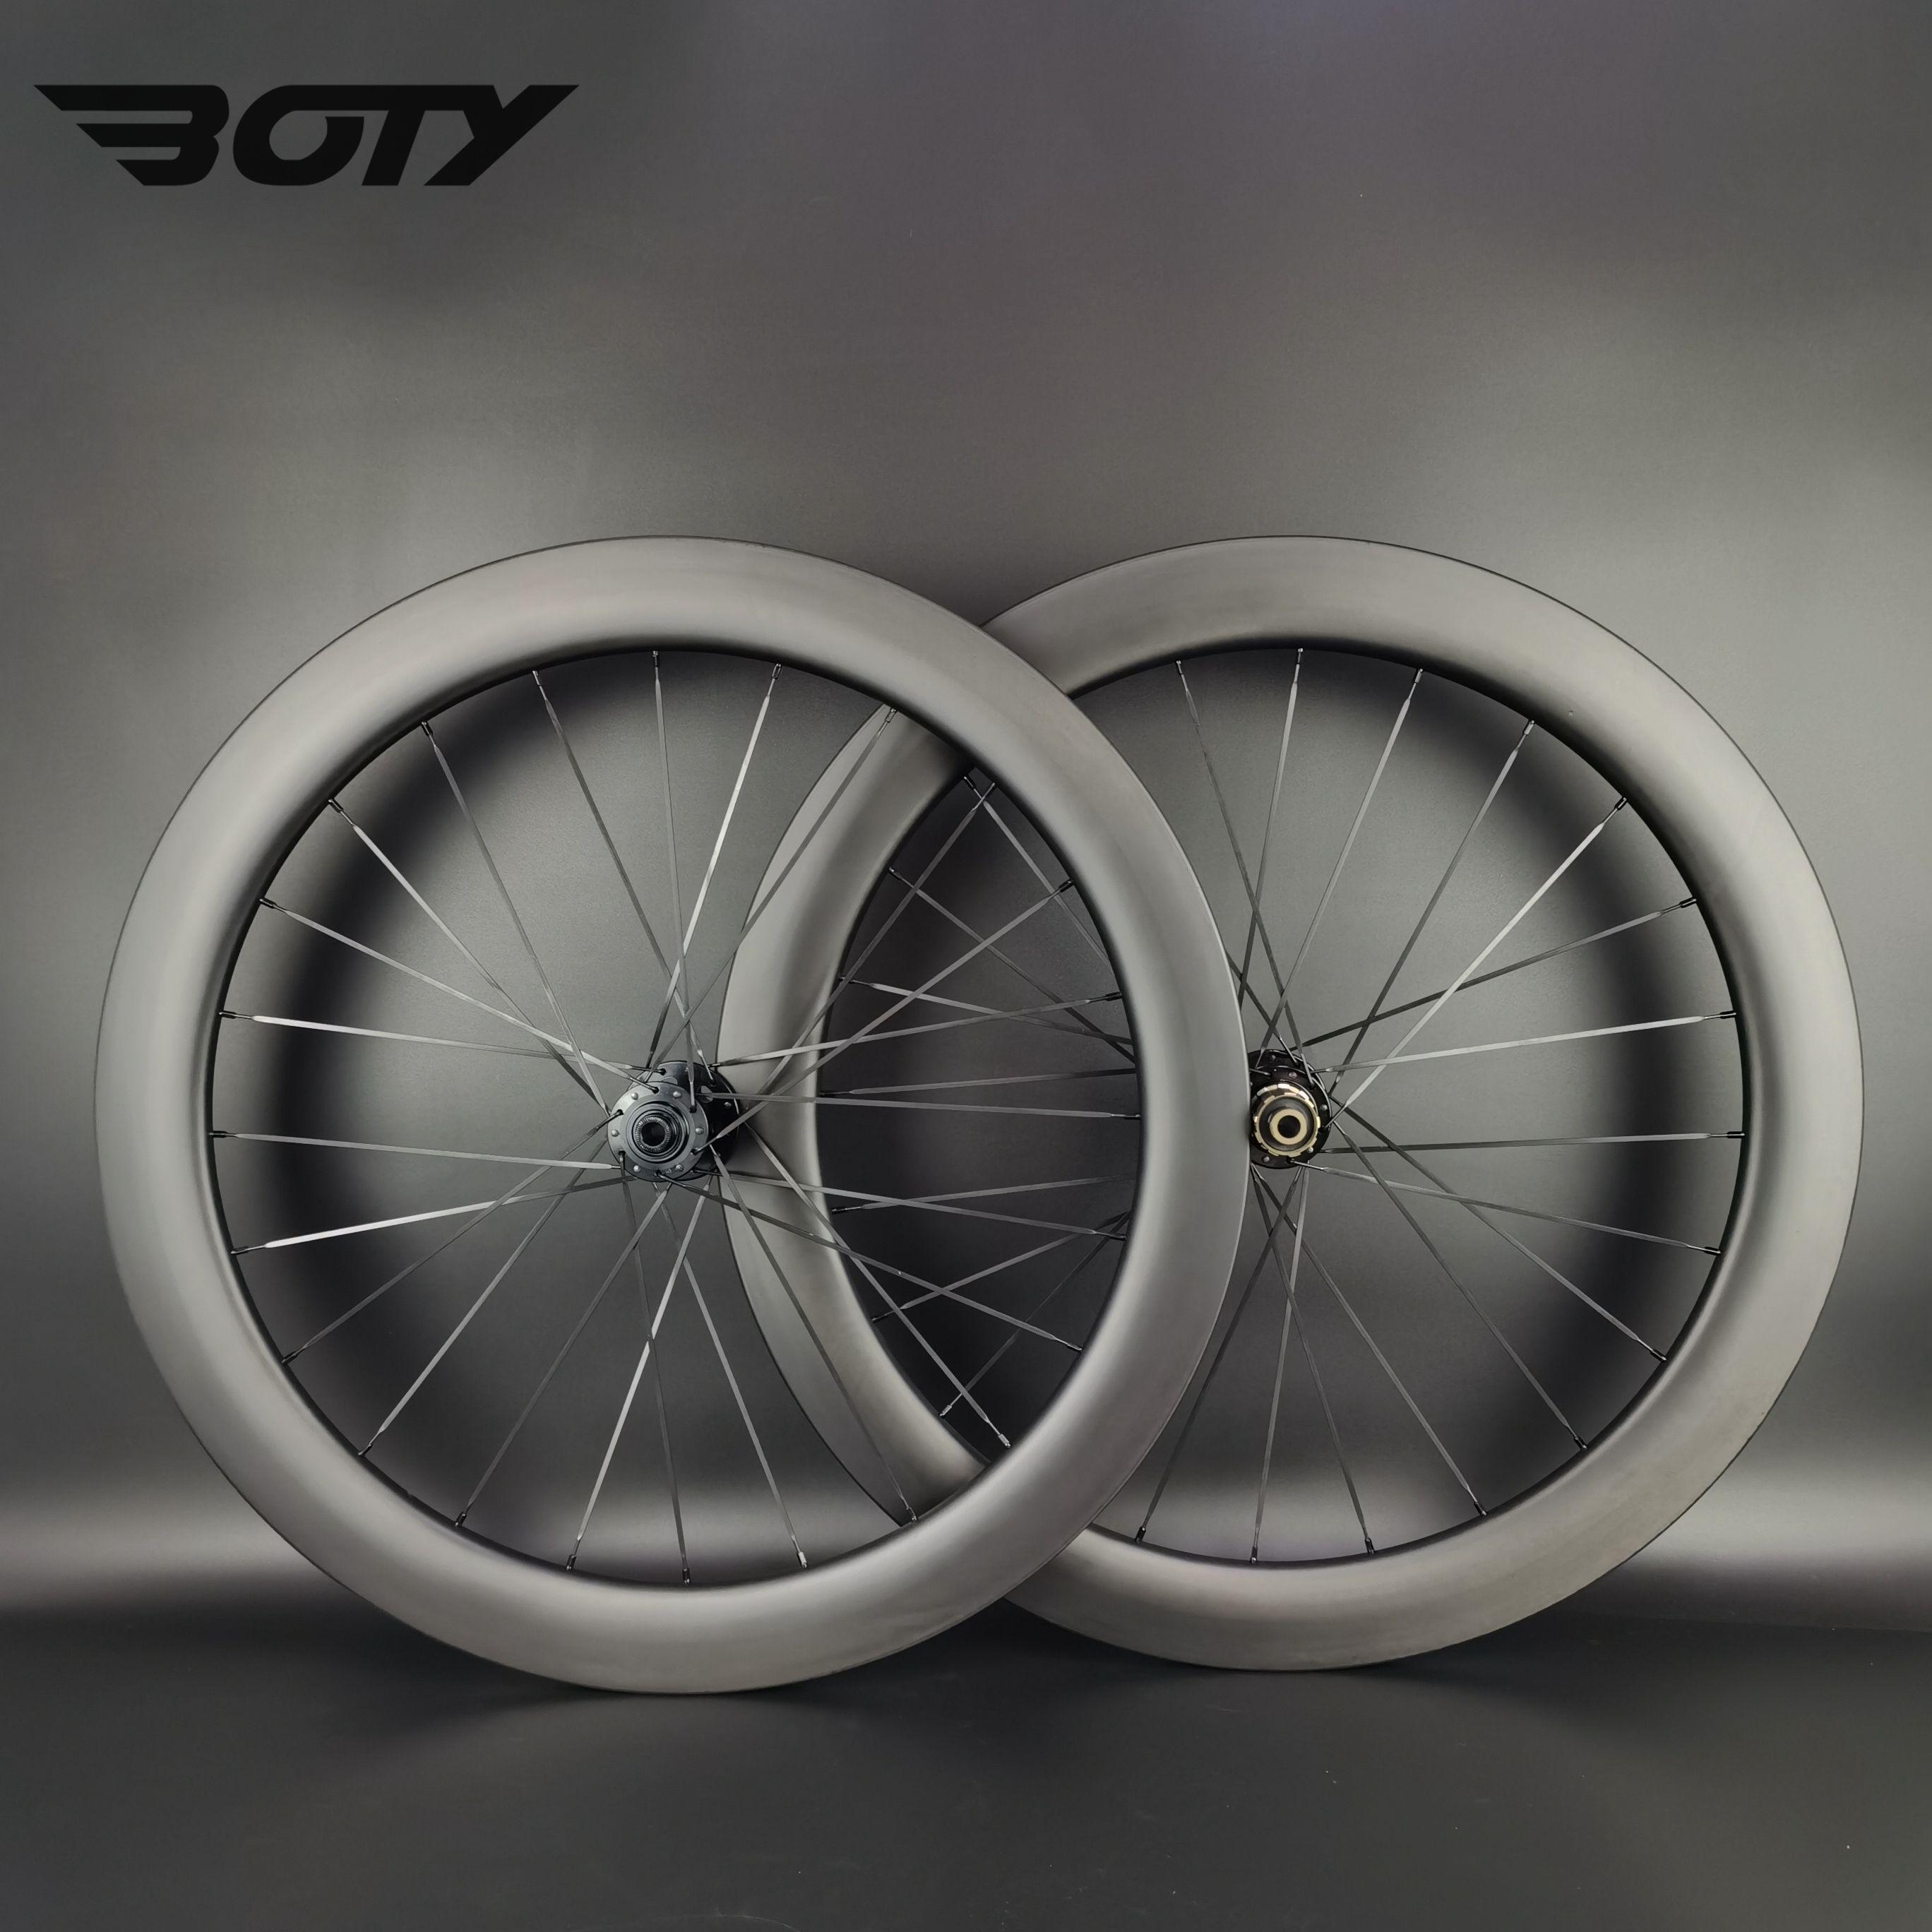 700C 도로 디스크 브레이크 카본 휠 60mm 깊이 25mm 폭 자전거 Clincher / 관형 / 튜브리스 자전거 휠셋 UD 무광택 마침